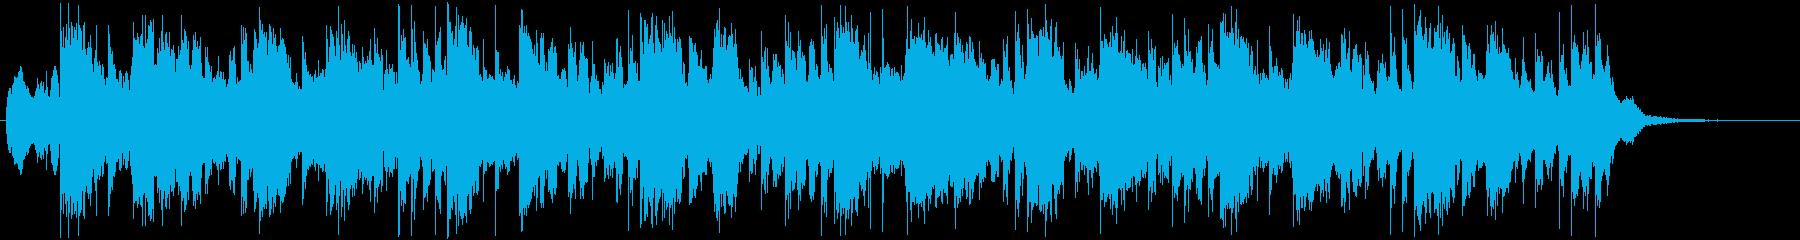 洋楽 フューチャーポップ ED 切ない の再生済みの波形